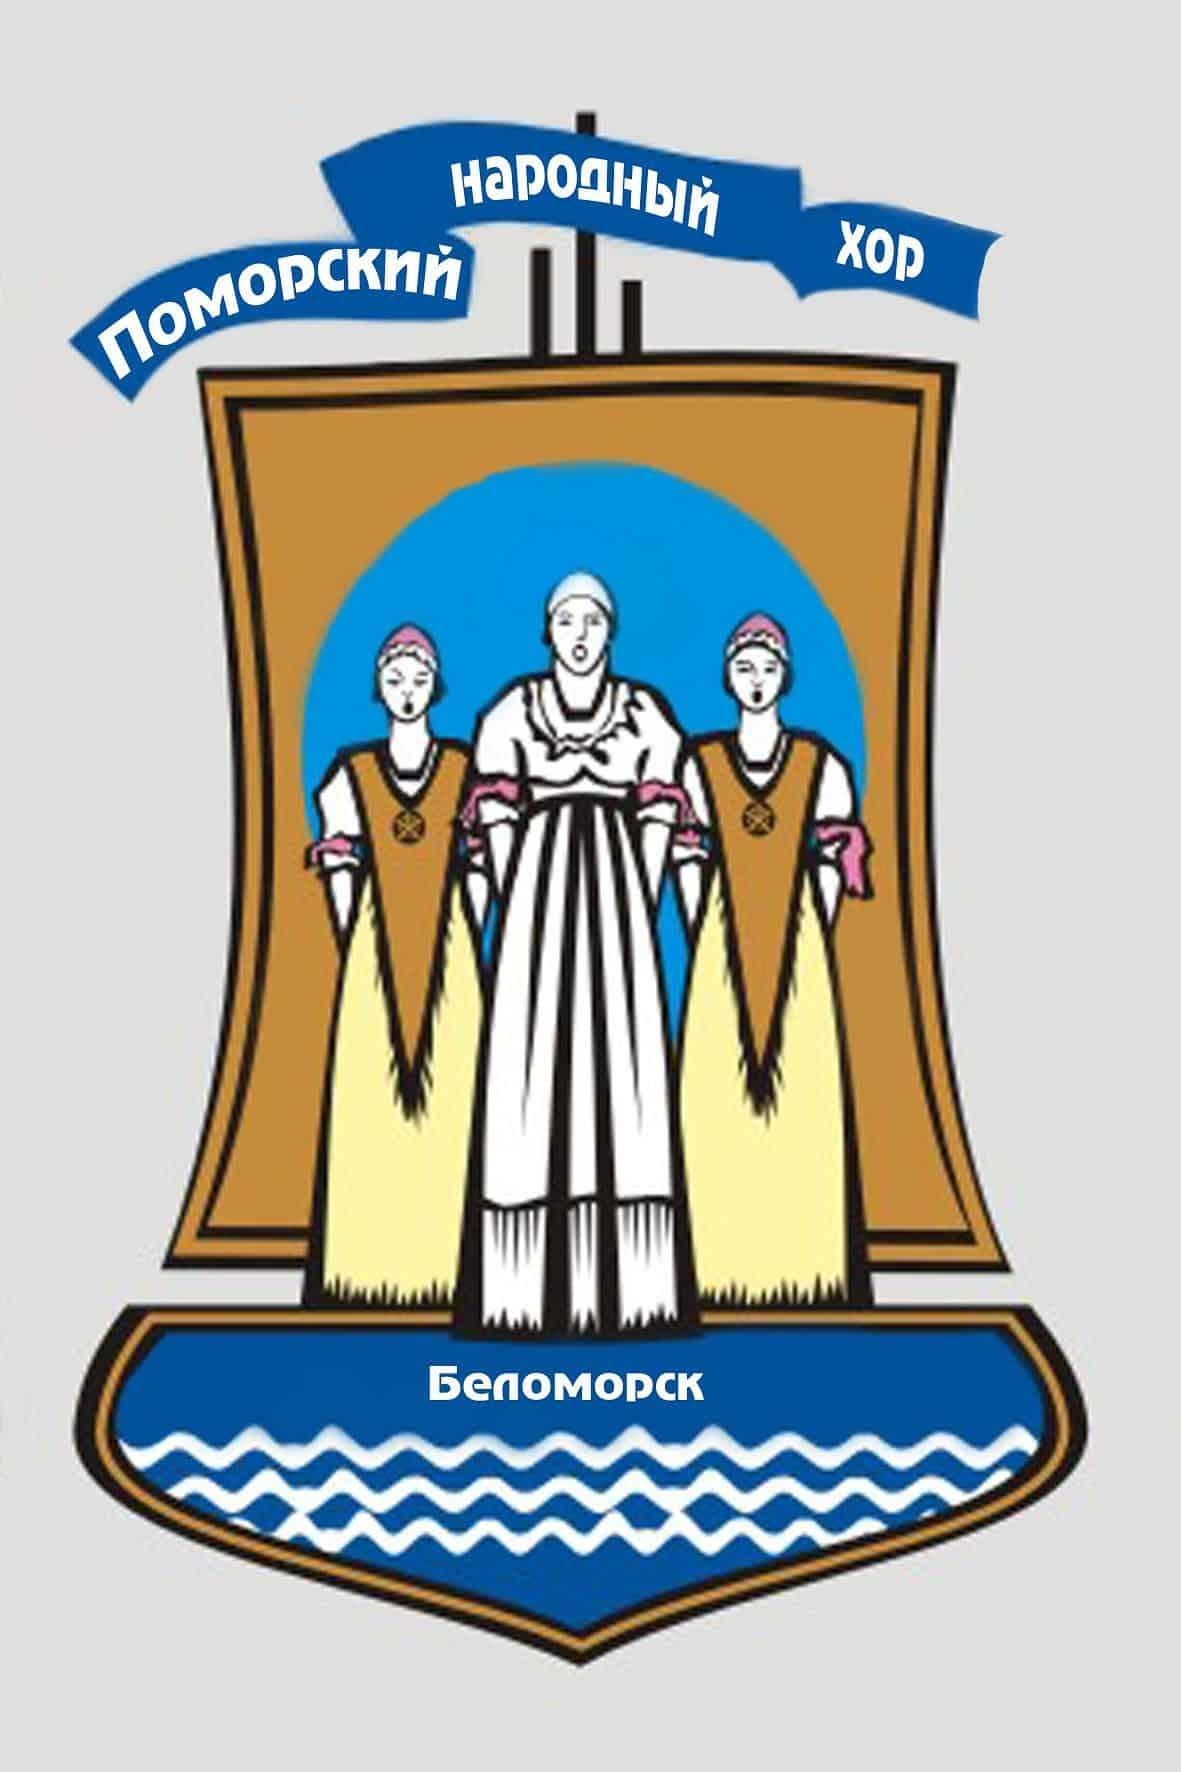 Концерт Поморского народного хора